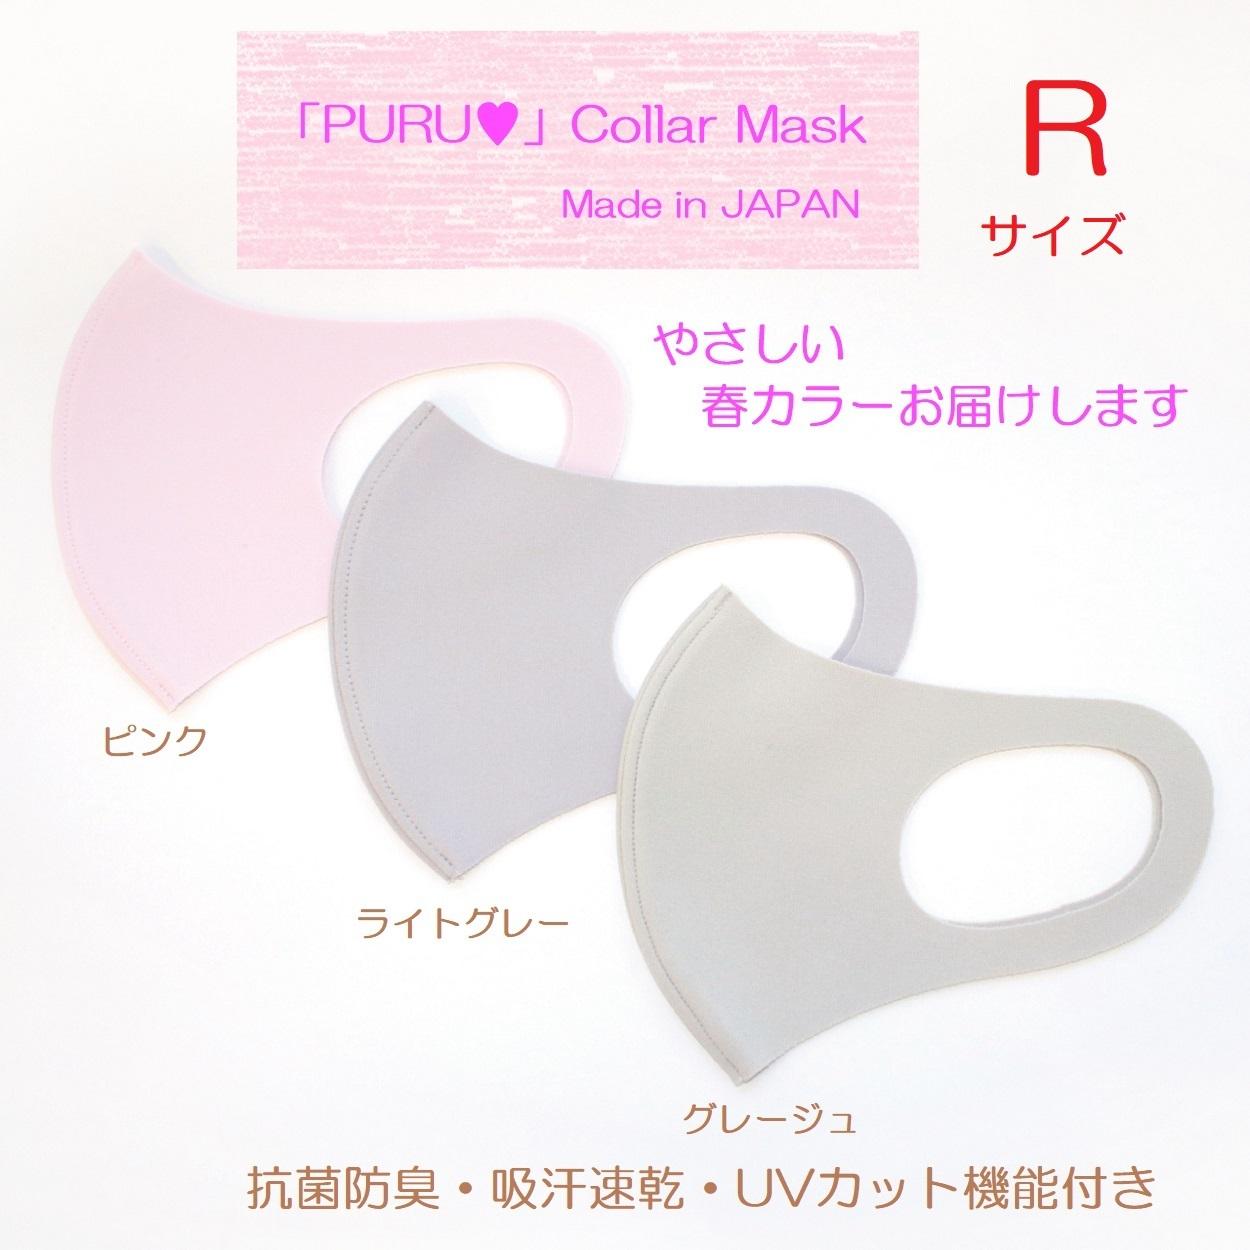 「ぷる♥」春カラーマスク Rサイズ 同色2枚入り【日本製】